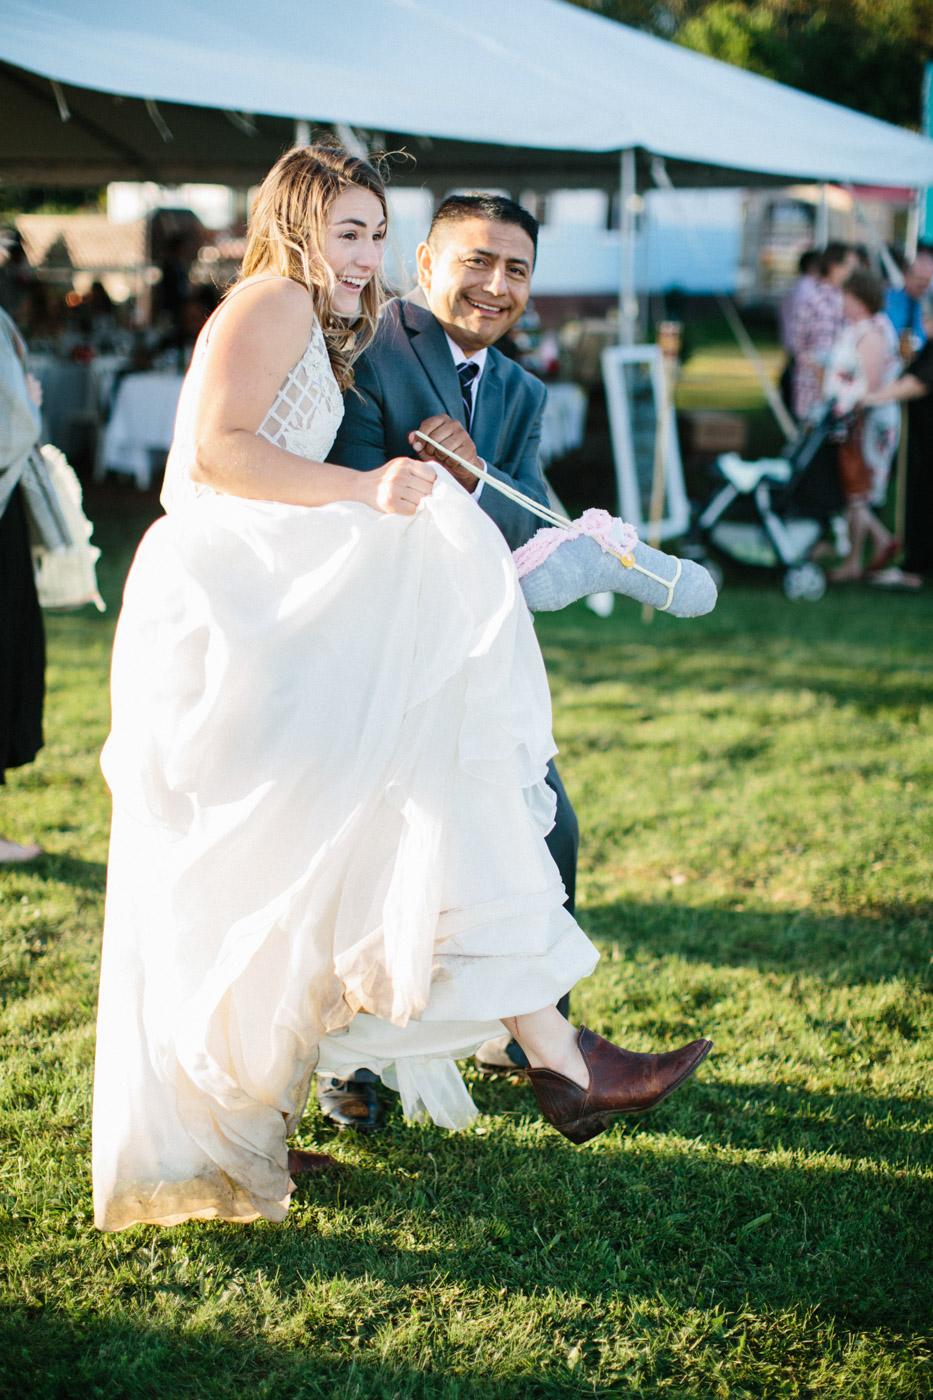 toronto_wedding_photographer_backyard_wedding-29.jpg